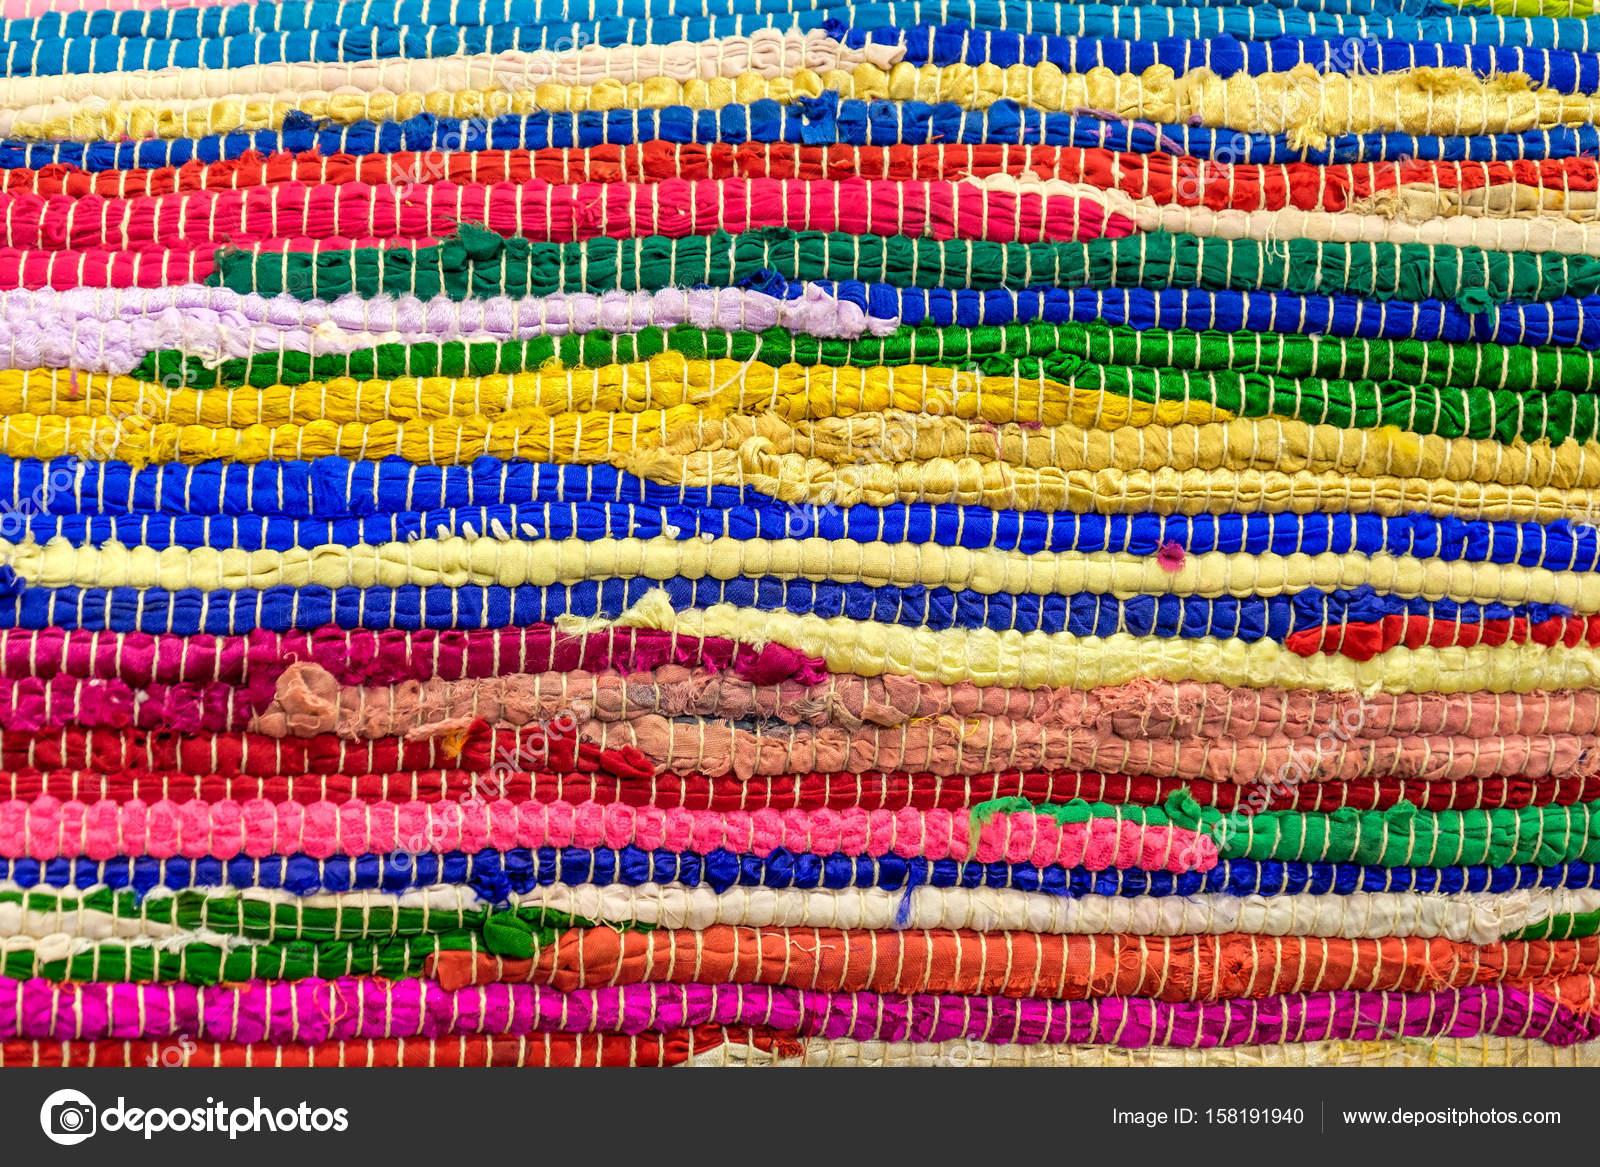 Kolorowe Ręcznie Tkane Dywany Zdjęcie Stockowe